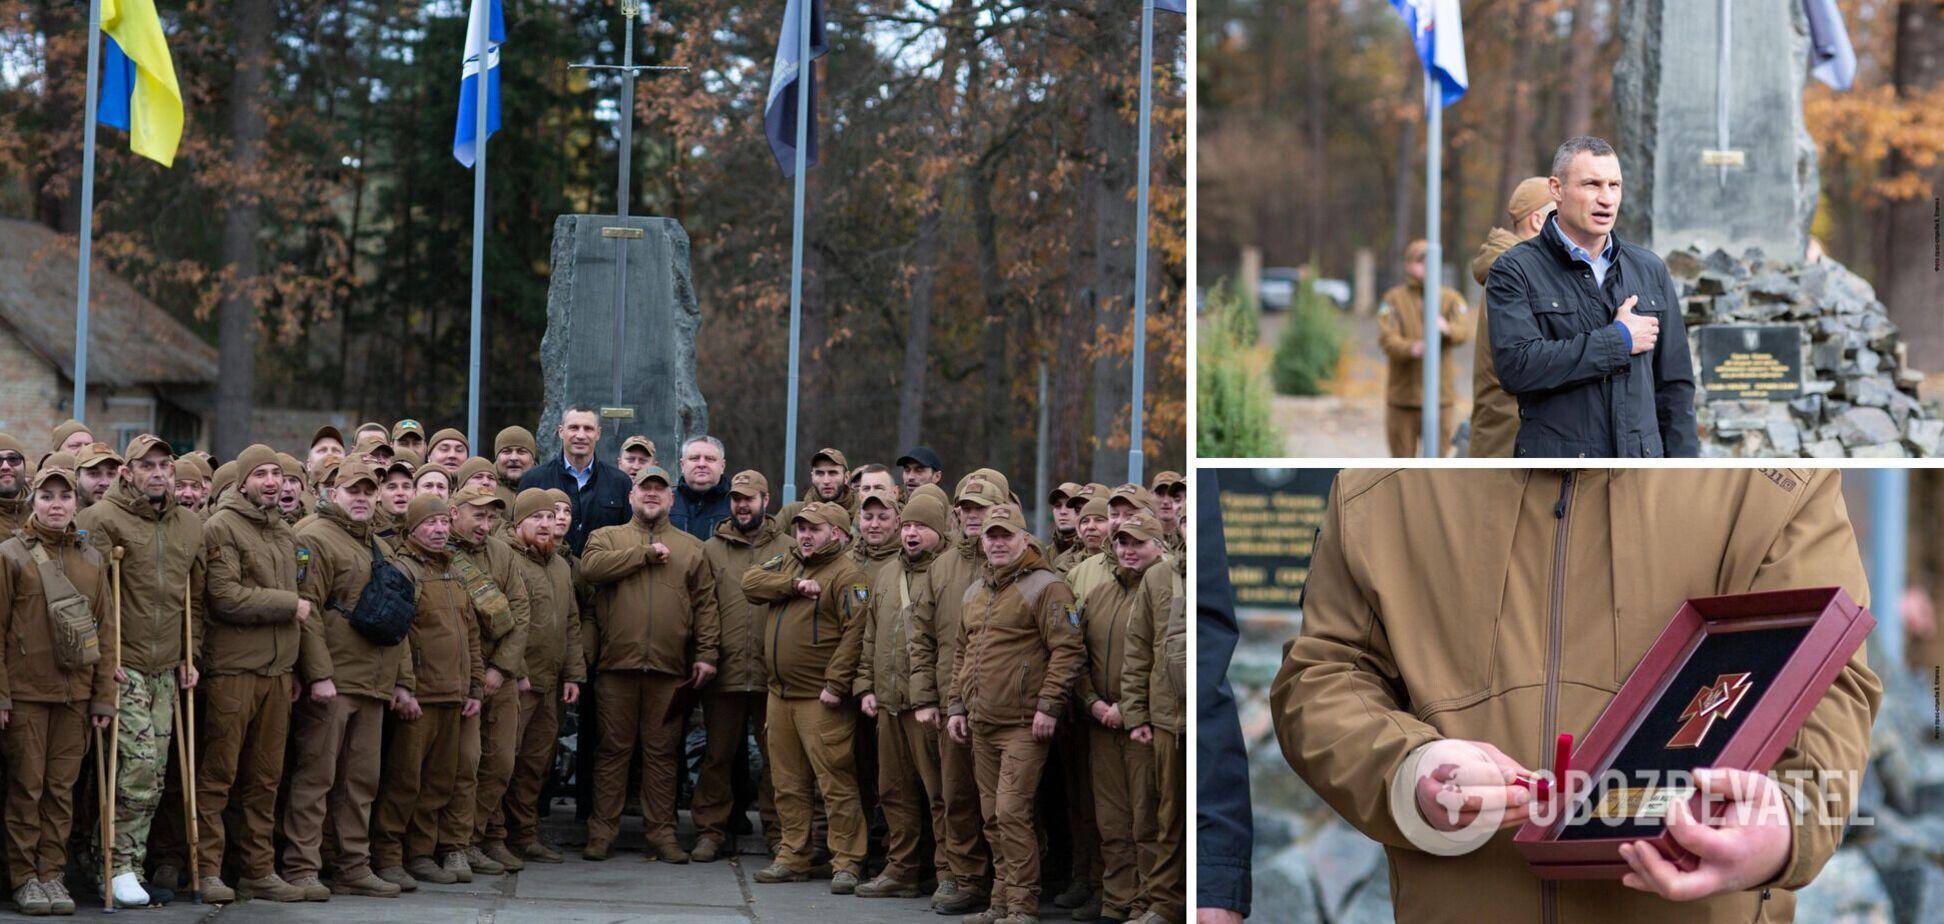 Кличко привітав Муніципальну охорону Києва з четвертою річницею заснування